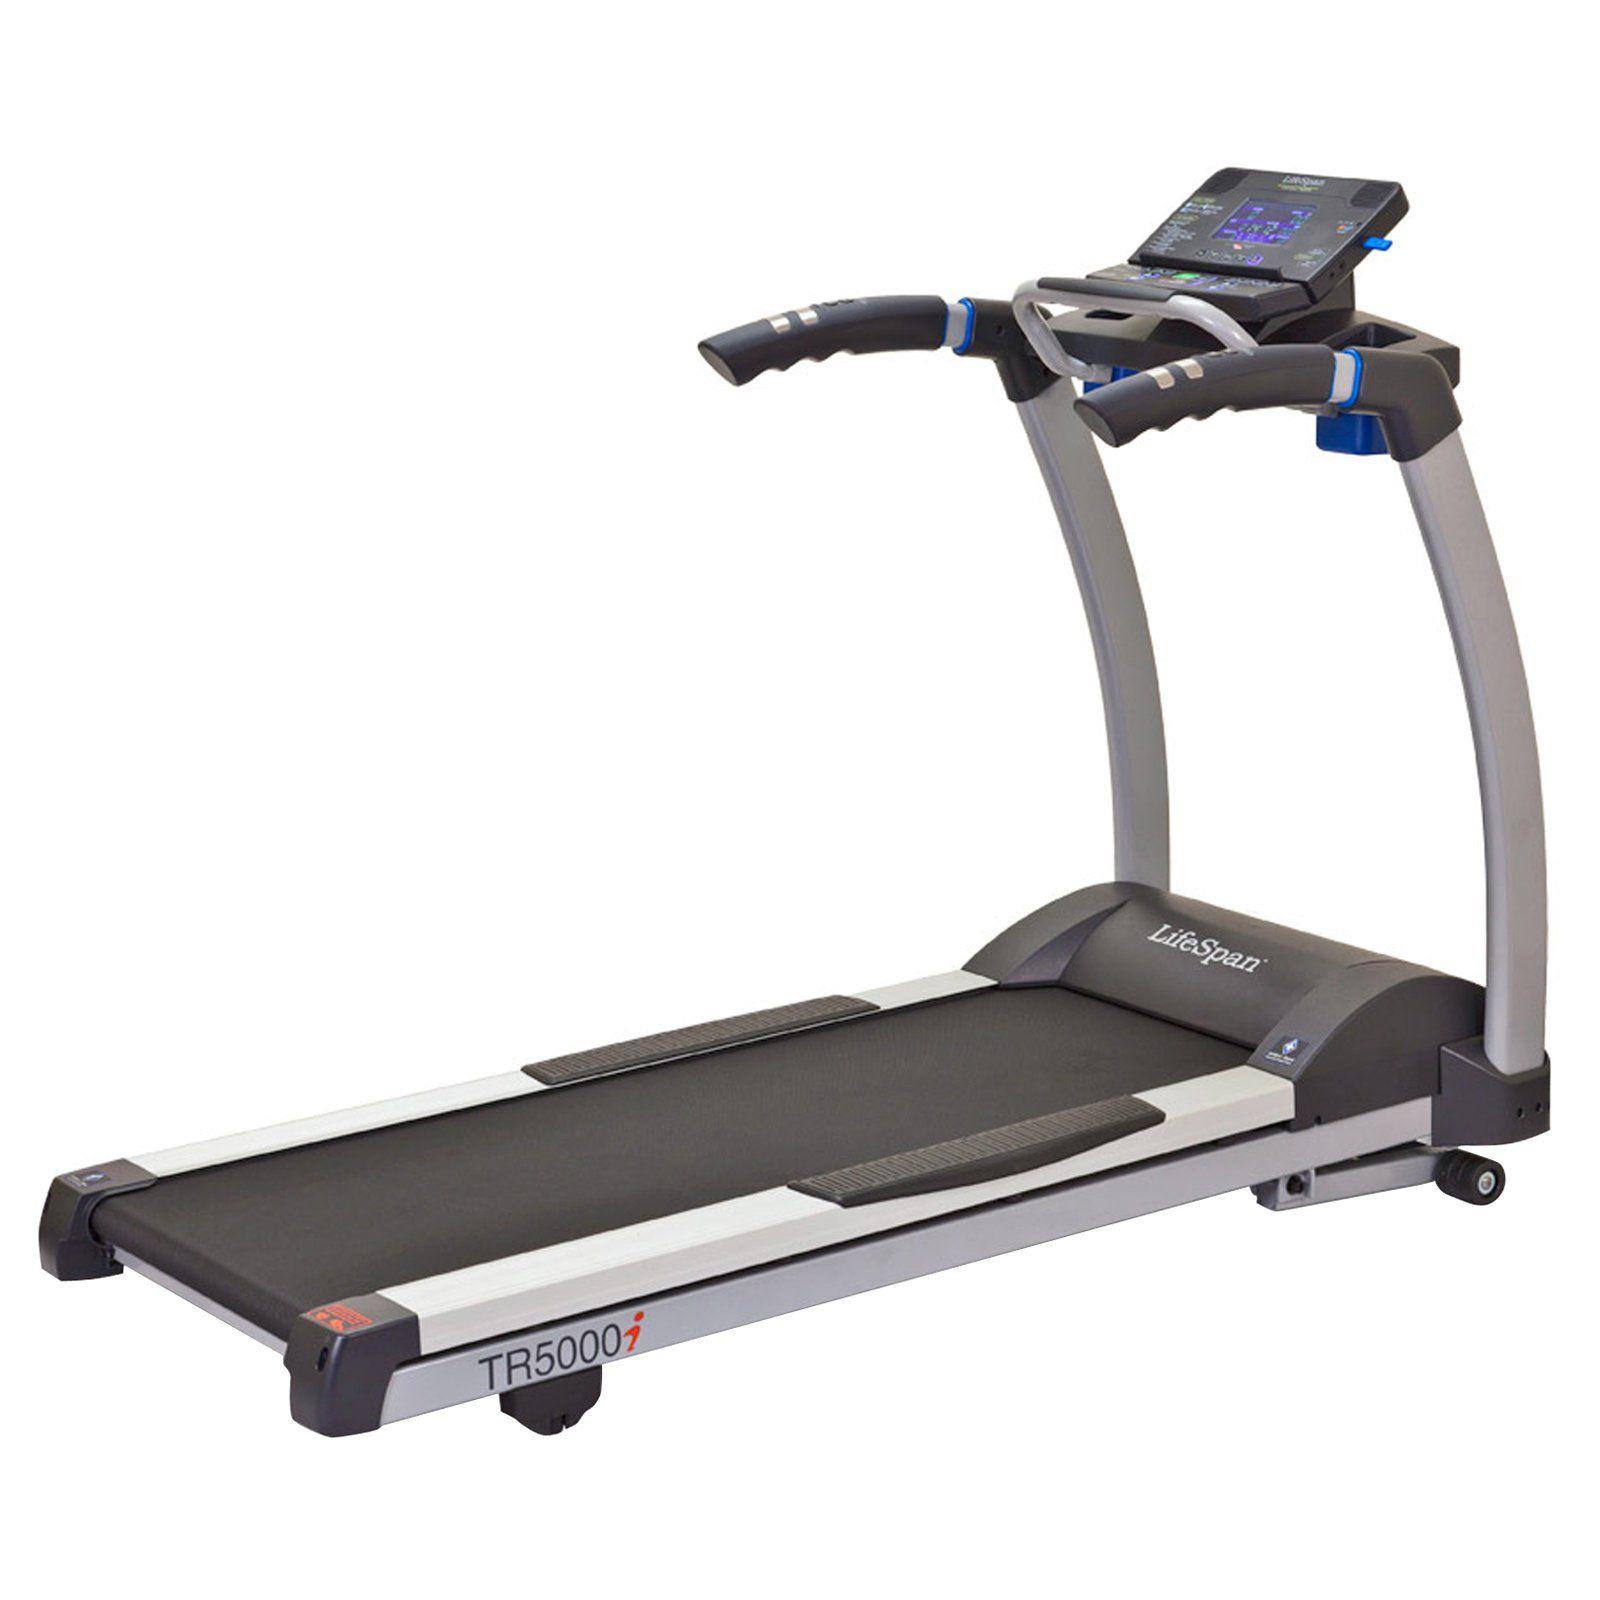 Lifespan Tr5000i Nonfolding Treadmill Www Hayneedle Com Folding Treadmill Treadmill Treadmill Reviews